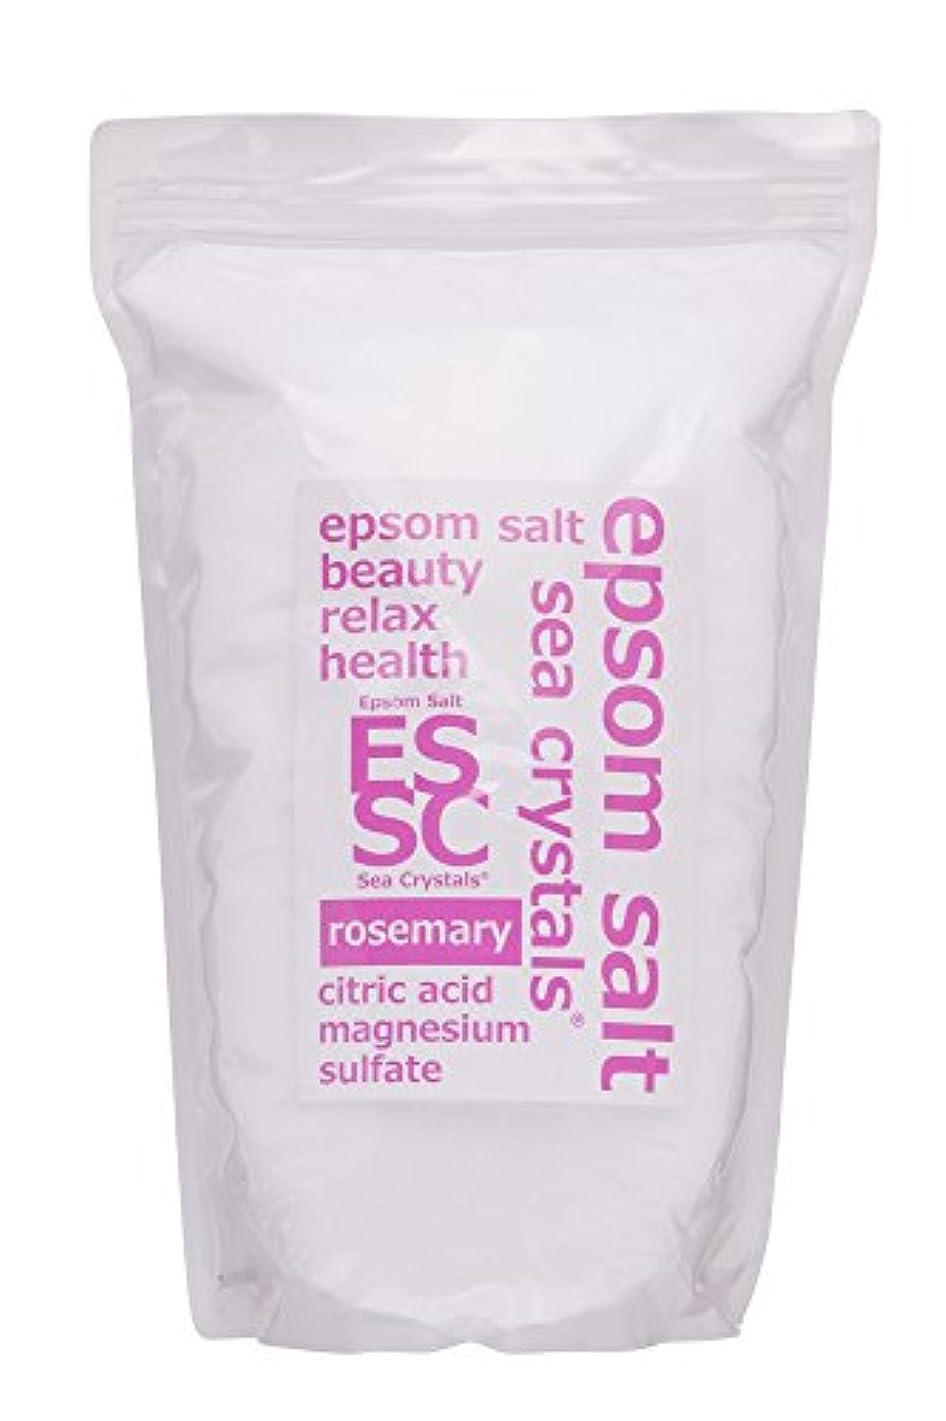 周術期ショップ逃げるエプソムソルト ローズマリーの香り 2.2kg 入浴剤 (浴用化粧品)クエン酸配合 シークリスタルス 計量スプーン付